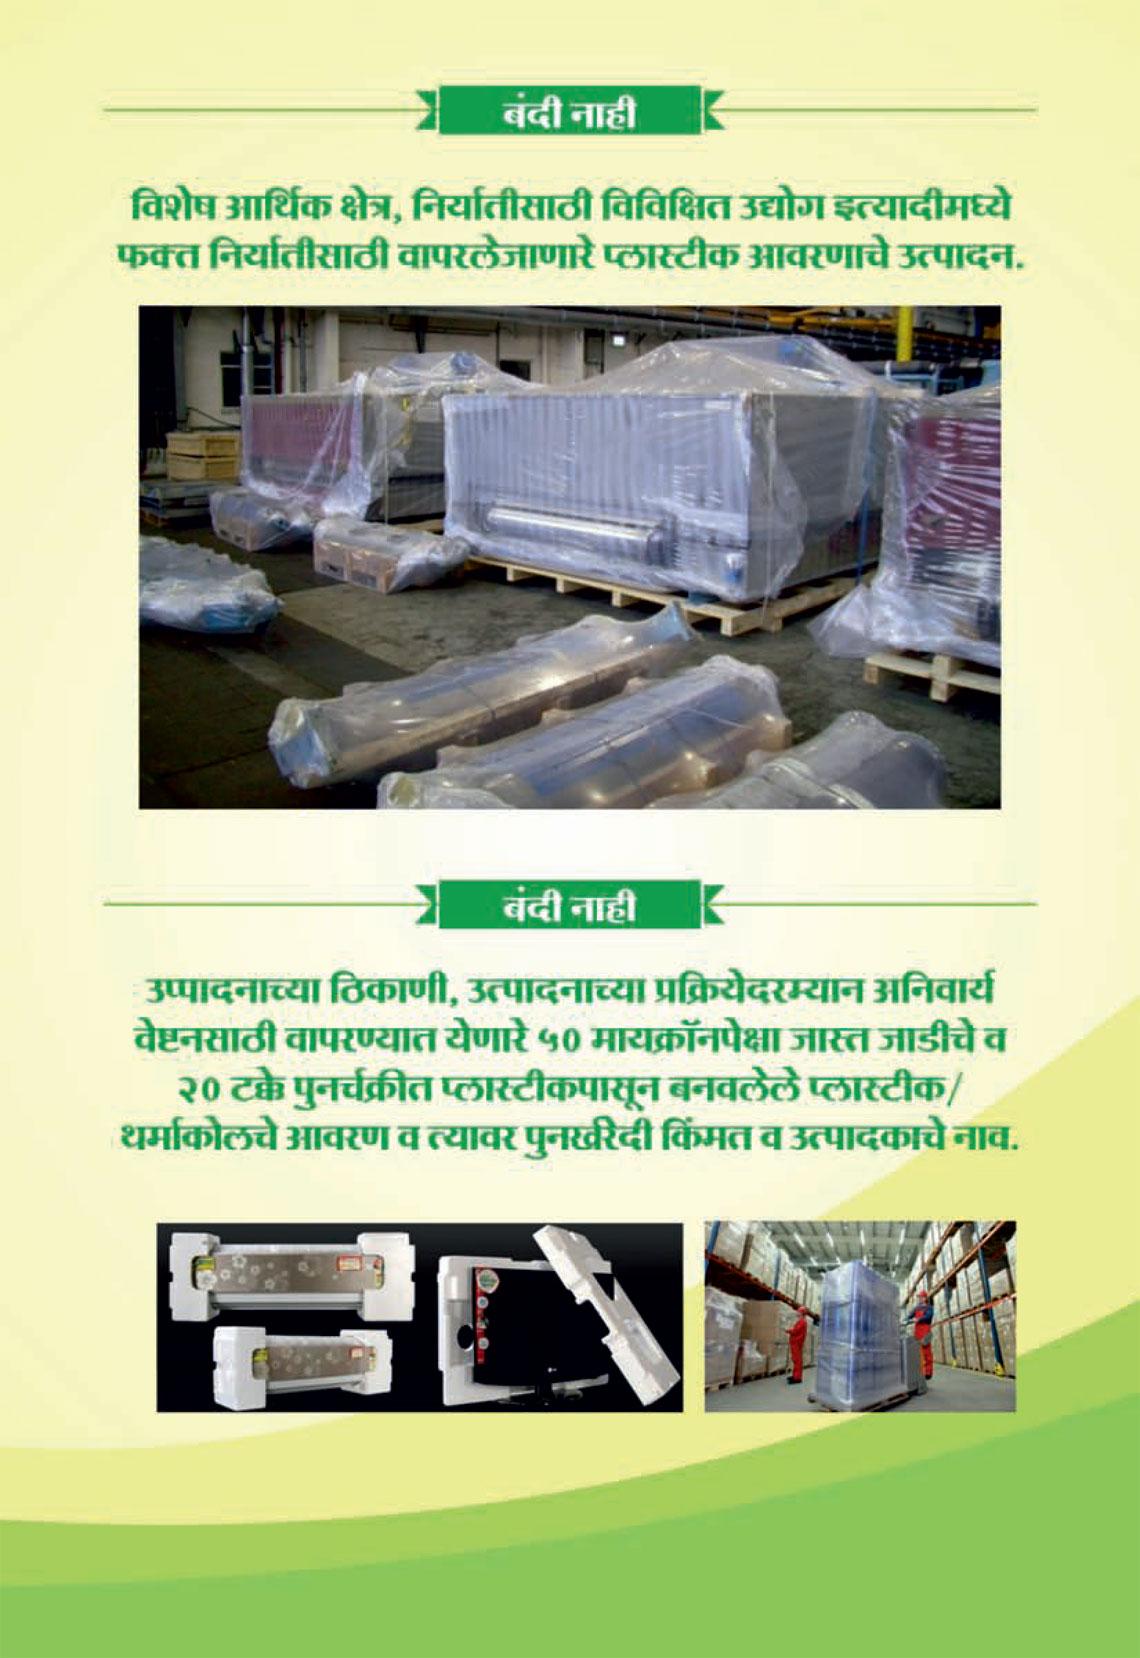 plastic-ban--brochure-5